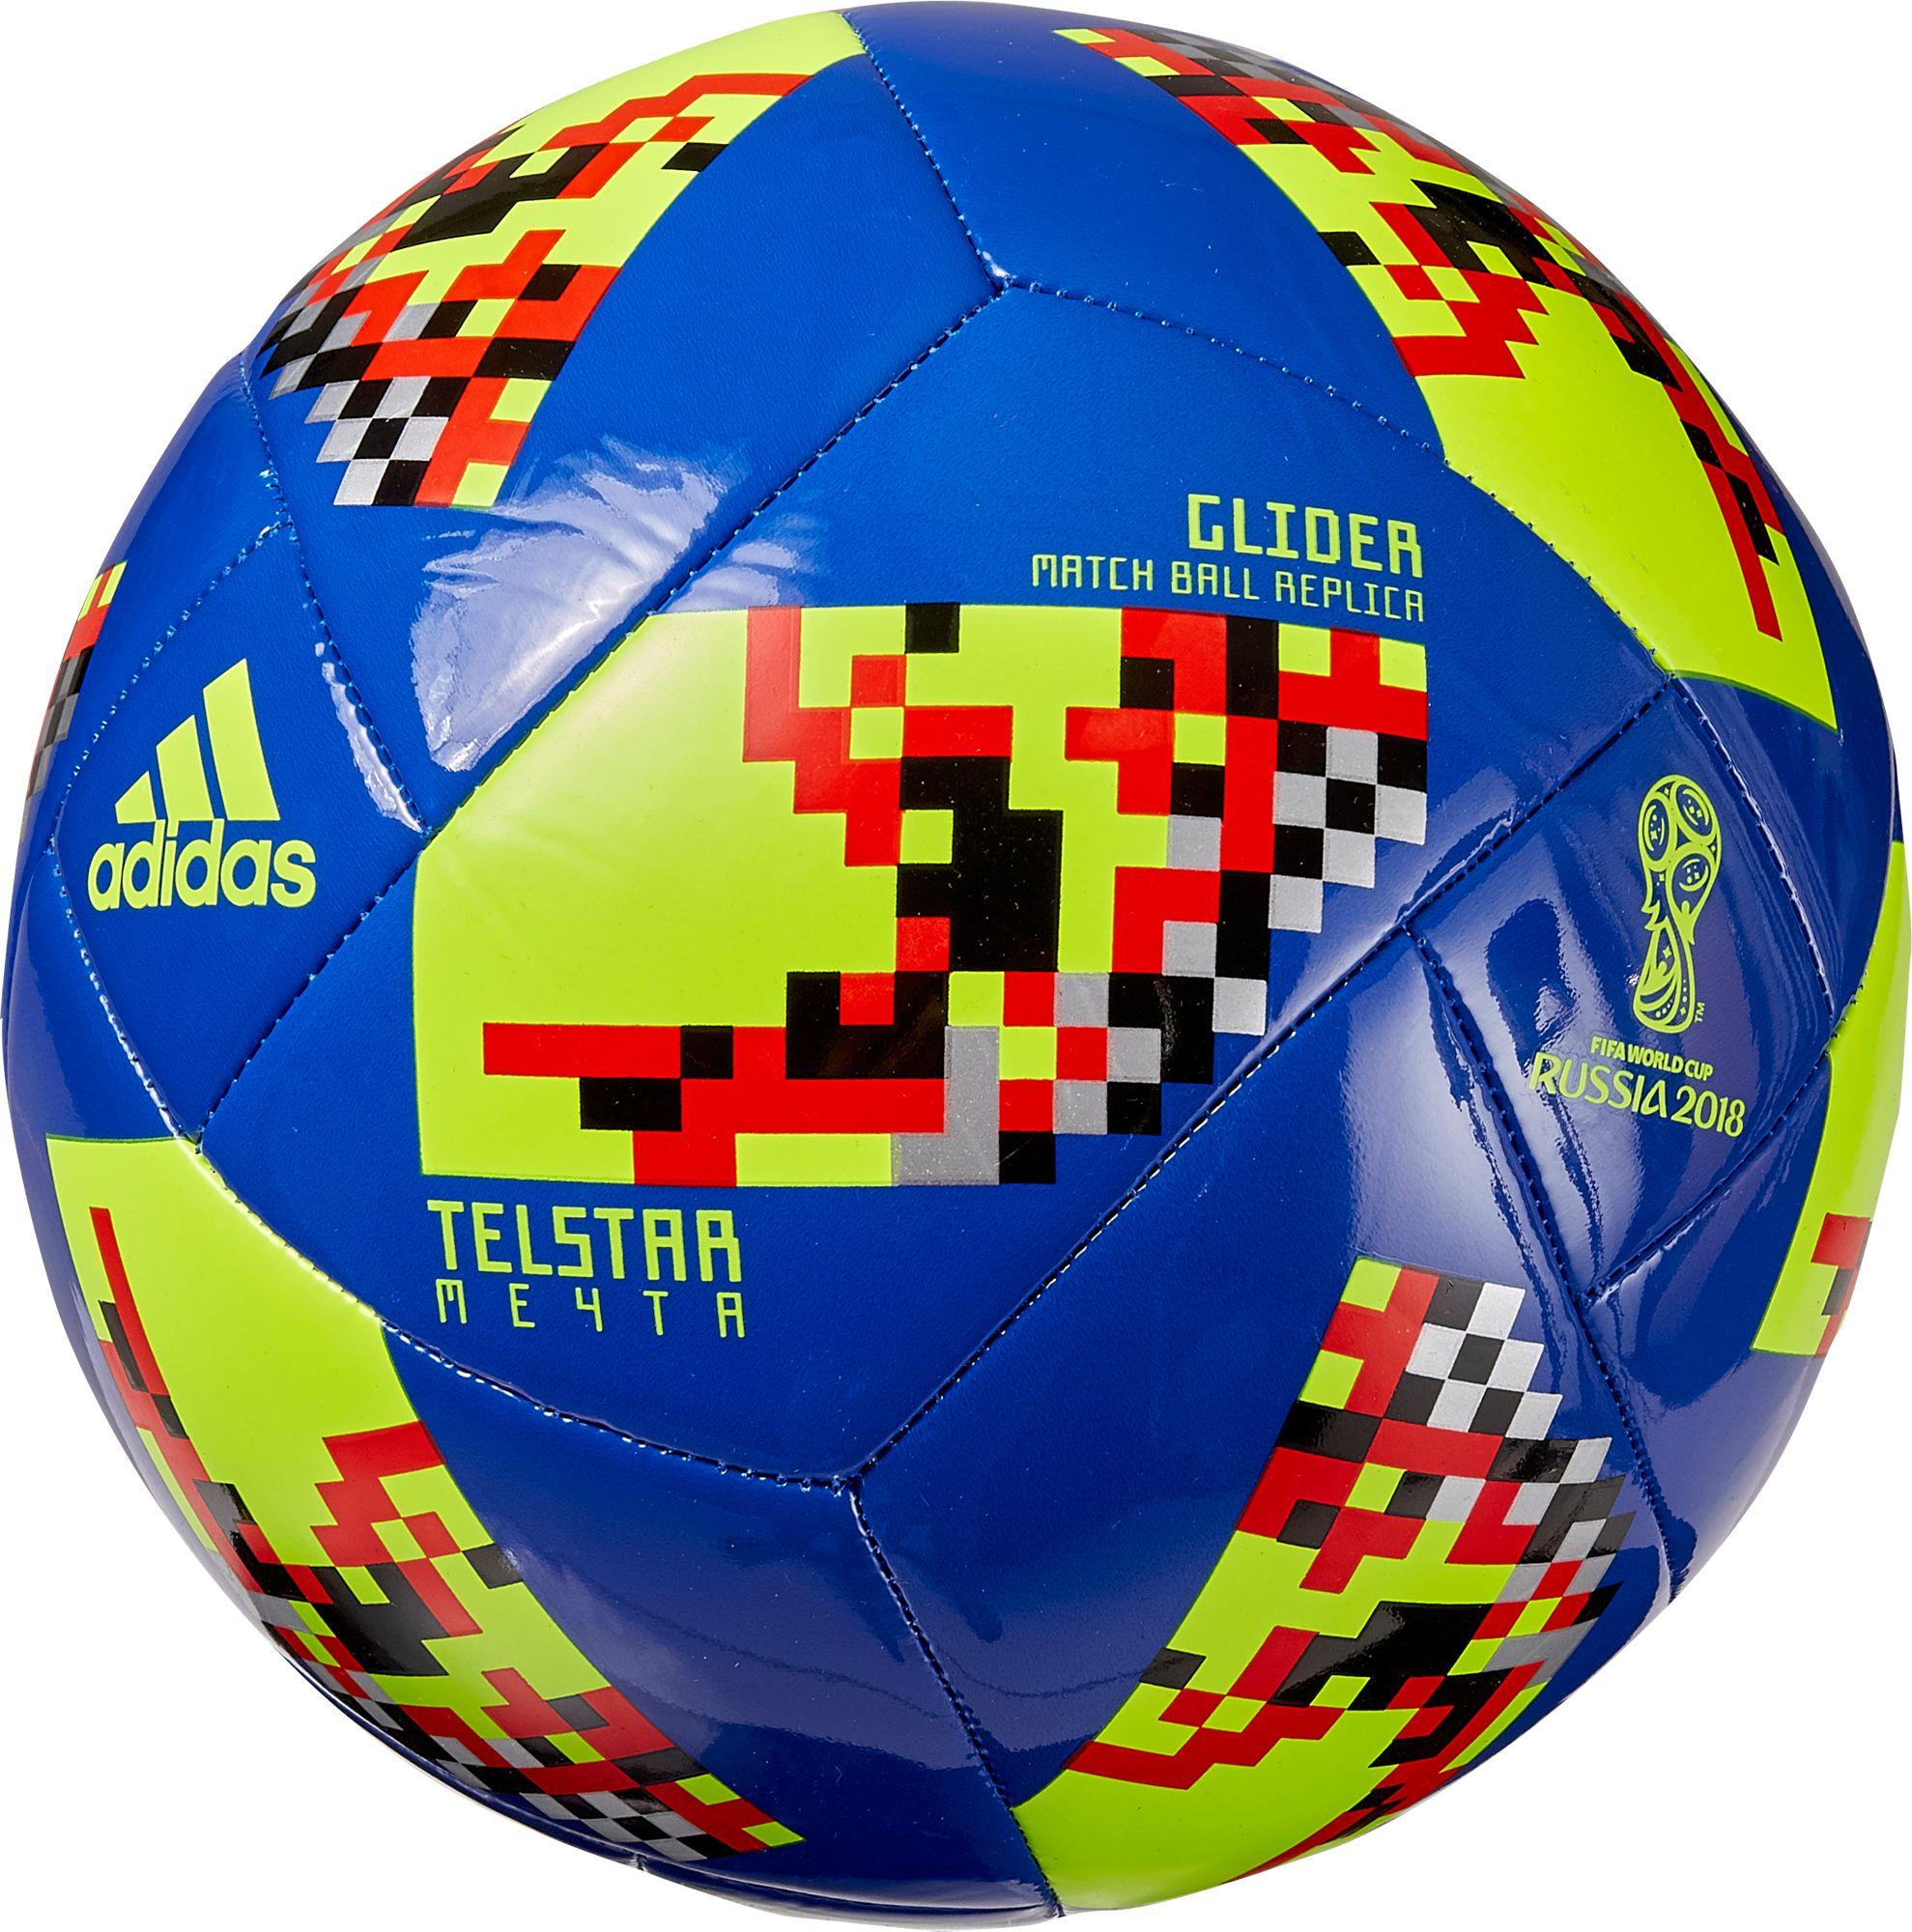 ed4d28d58 adidas 2018 Fifa World Cup Telstar Mechta Knockout Stage Glider Soccer Ball,  Blue